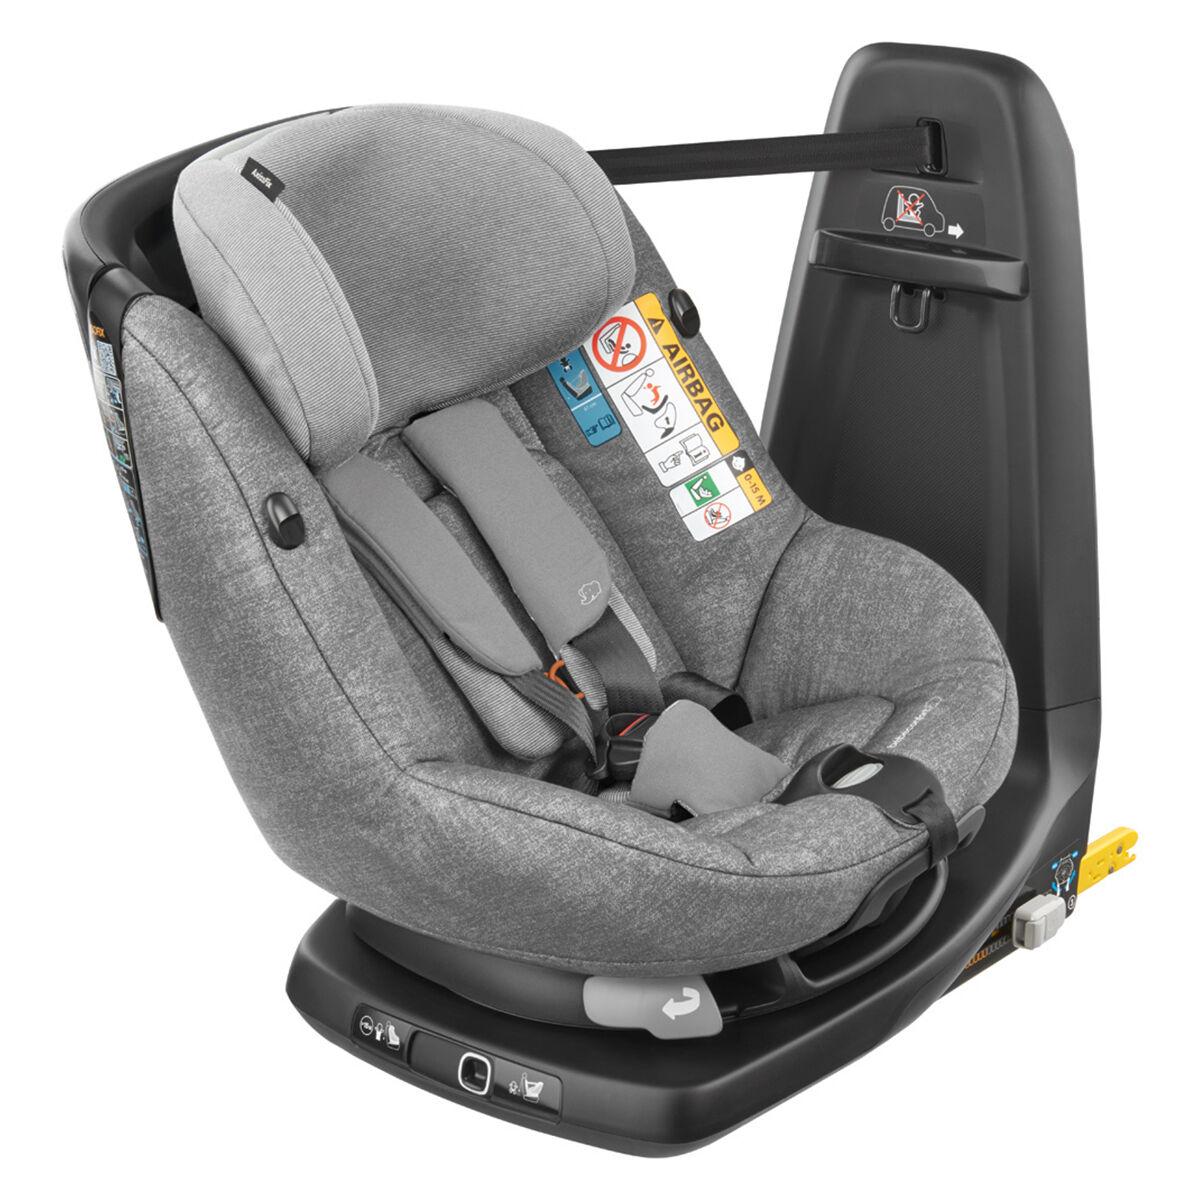 Bébé Confort Siège Auto AxissFix i-Size Groupe 0+/1 - Nomad Grey